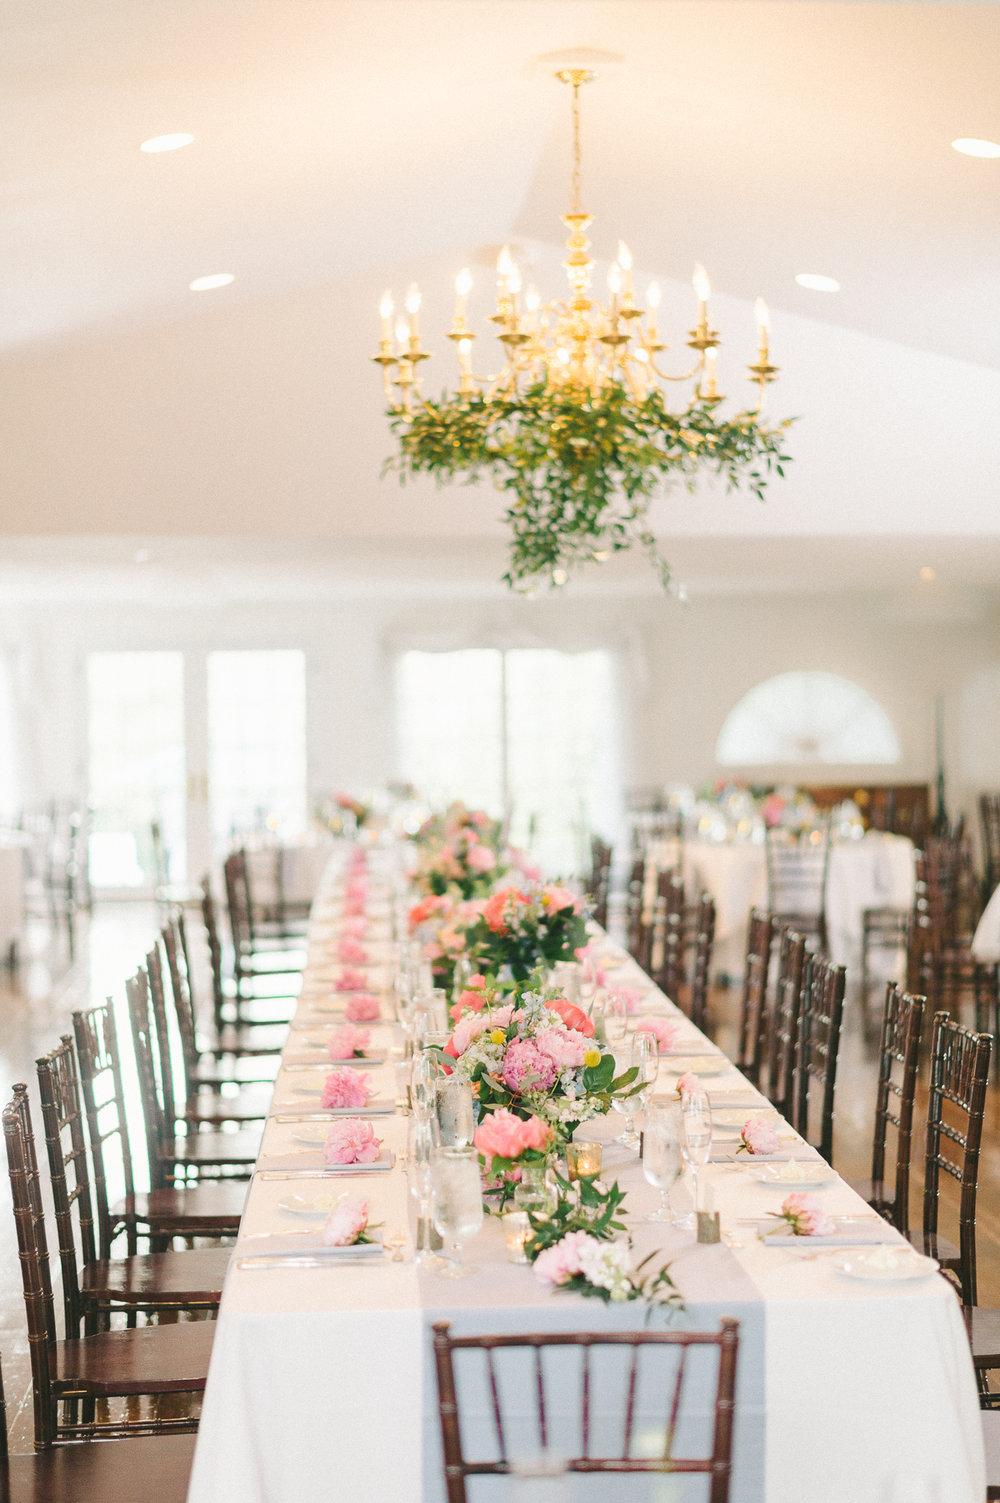 Elizabeth-Fogarty-Wedding-Photography-188.jpg